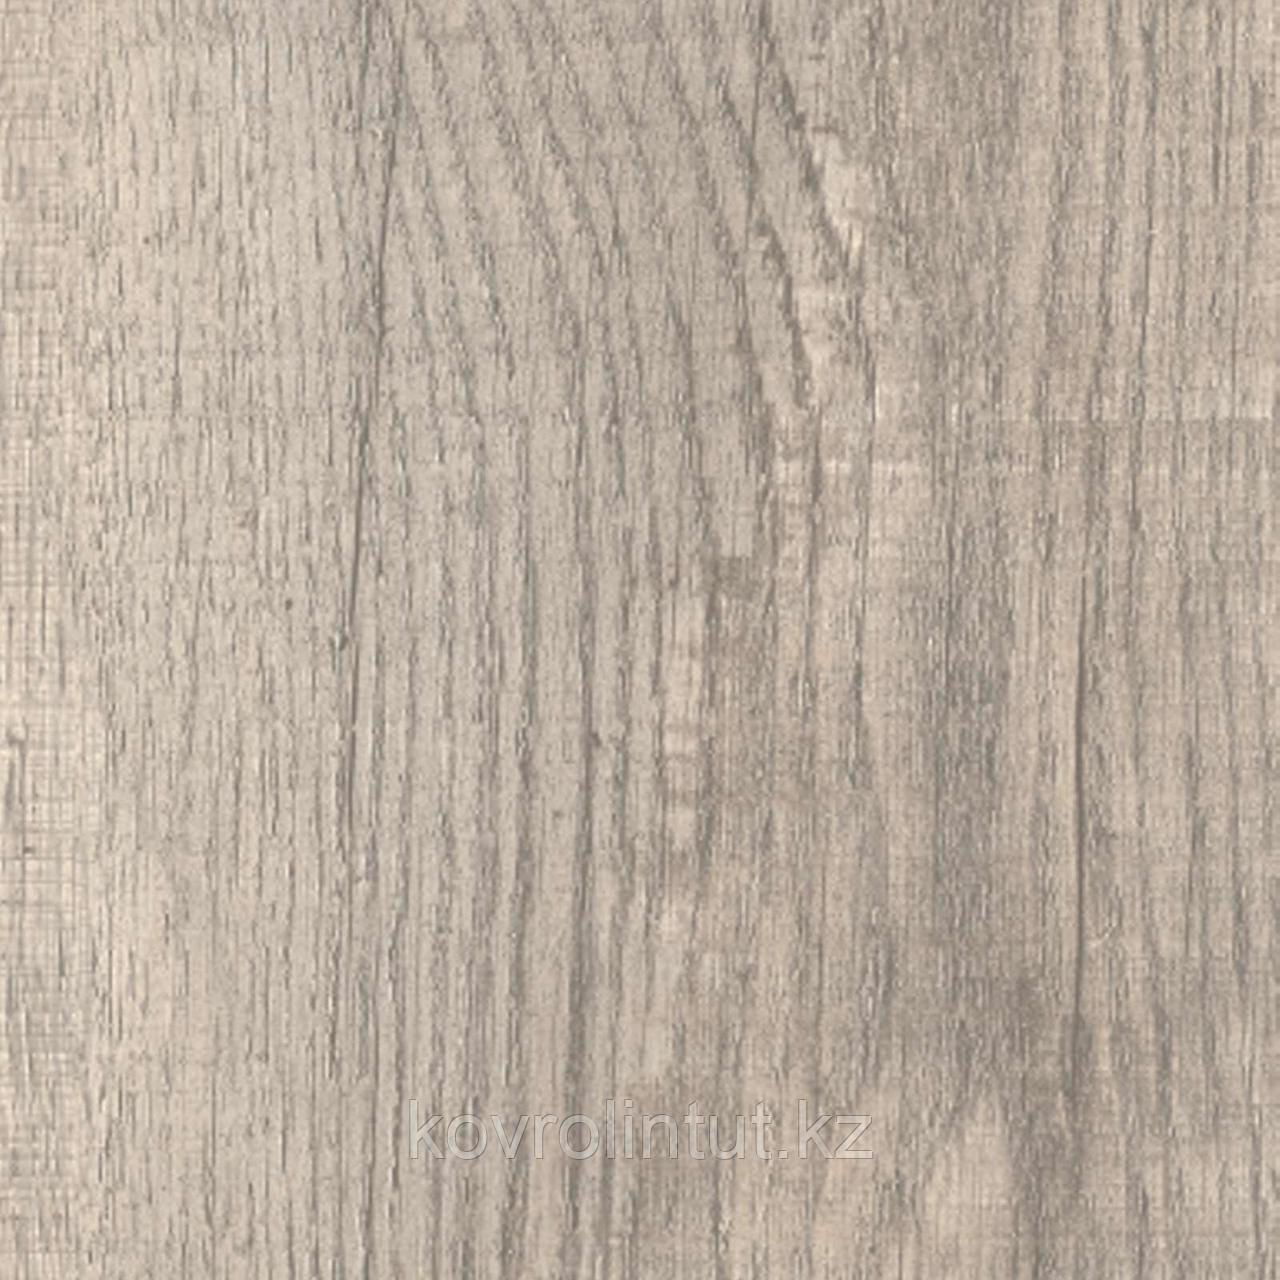 Плитка ПВХ клеевая IVC Ultimo Bear Oak 24938